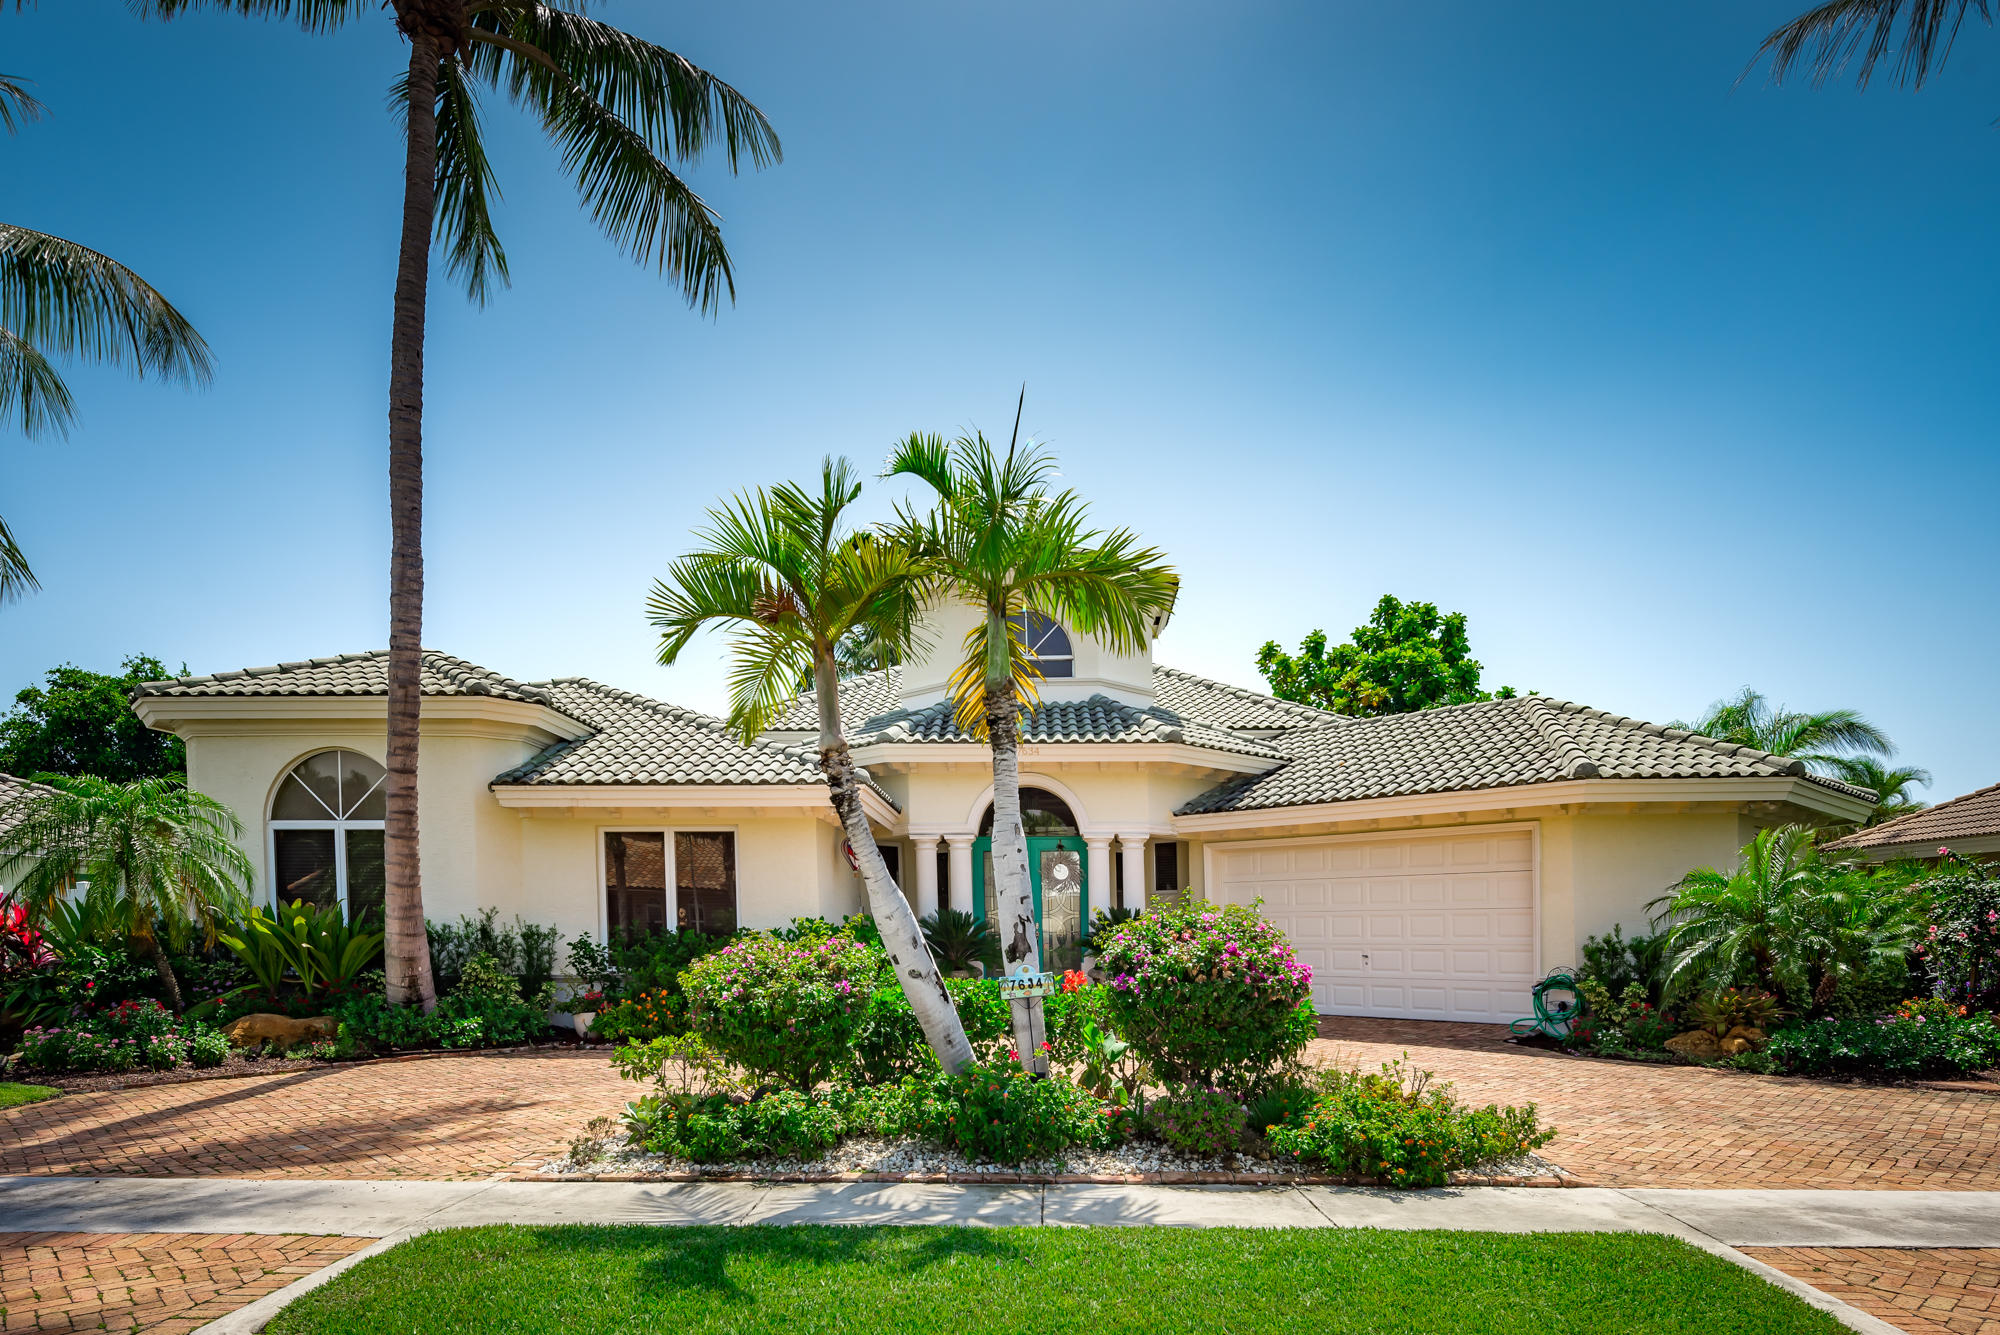 7634 Ne Spanish Trail Court Boca Raton, FL 33487